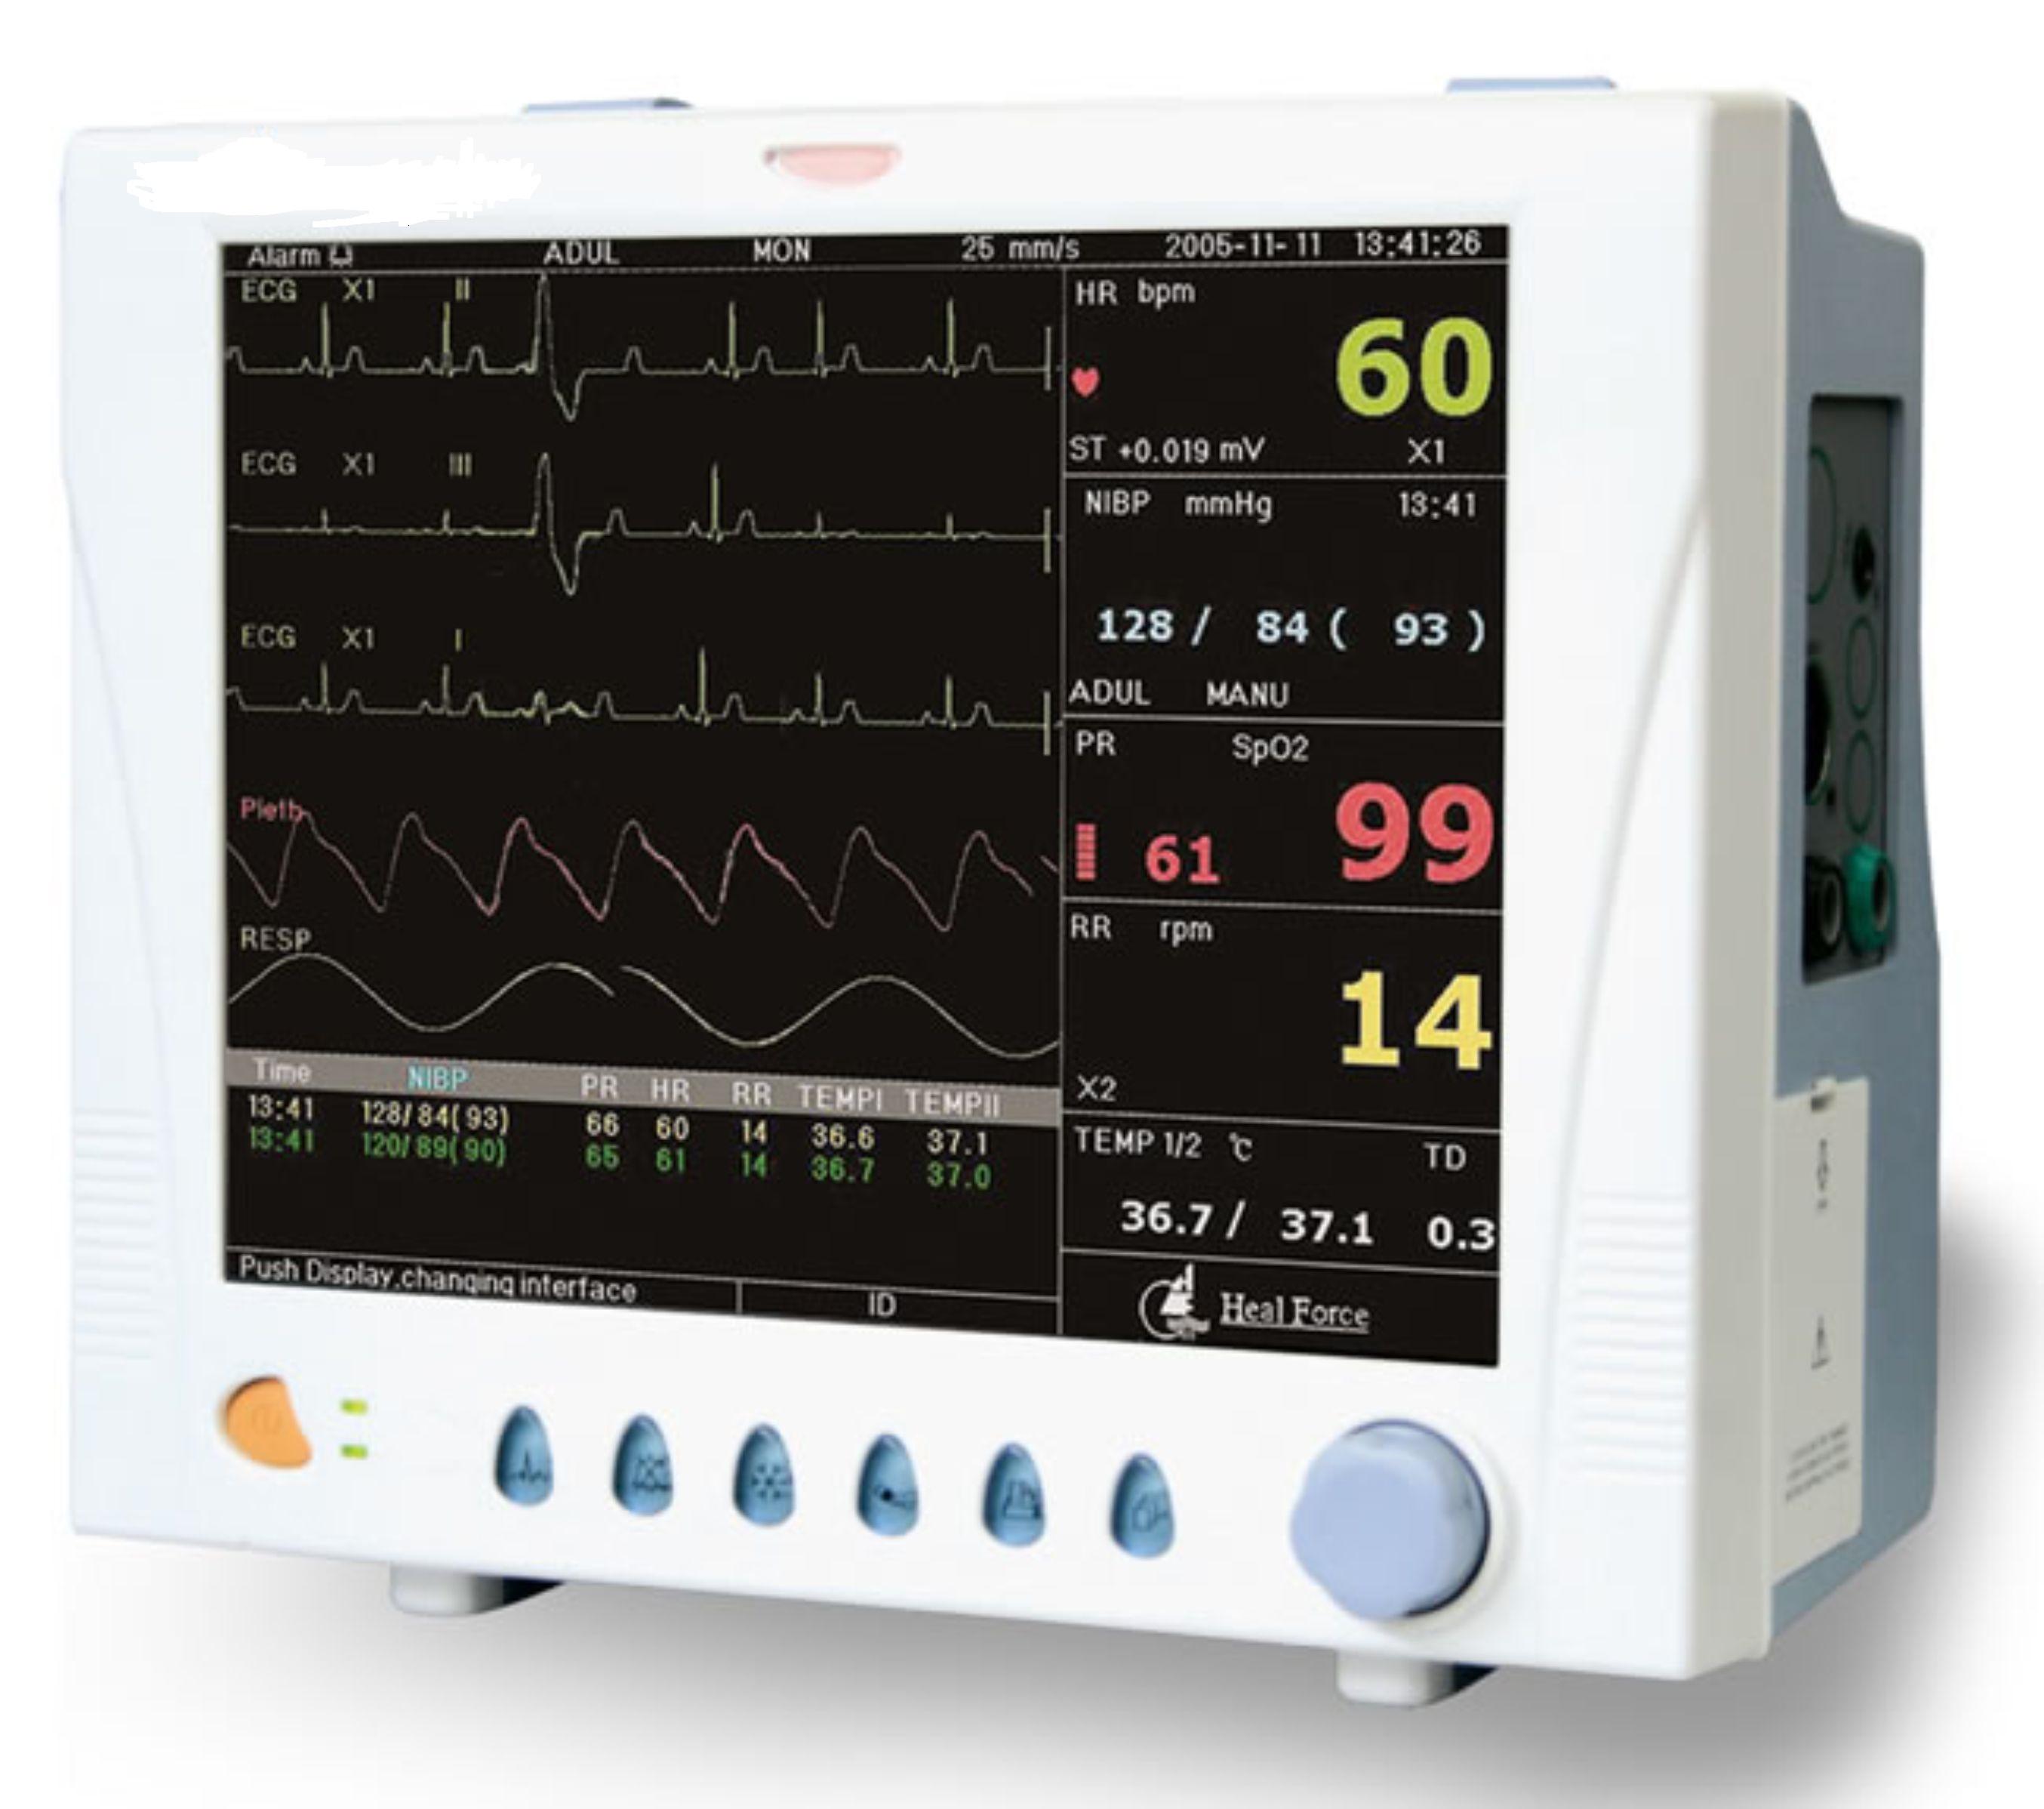 Classic-120plus multi-parameter monitor